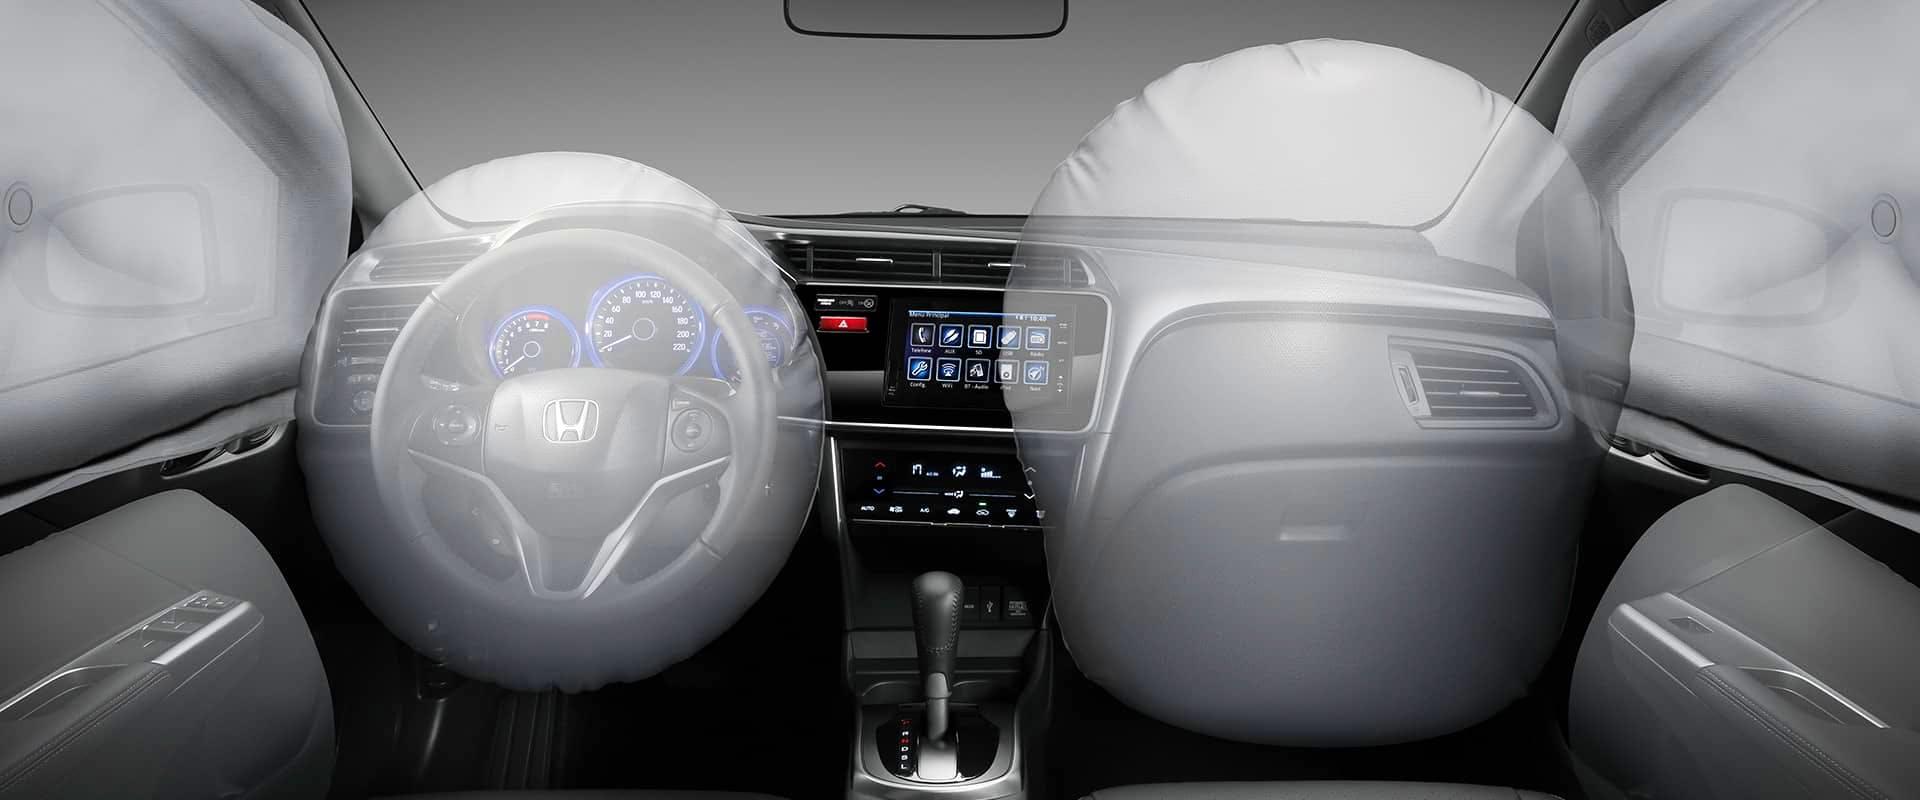 6 airbags (frontais, laterais e de cortina)